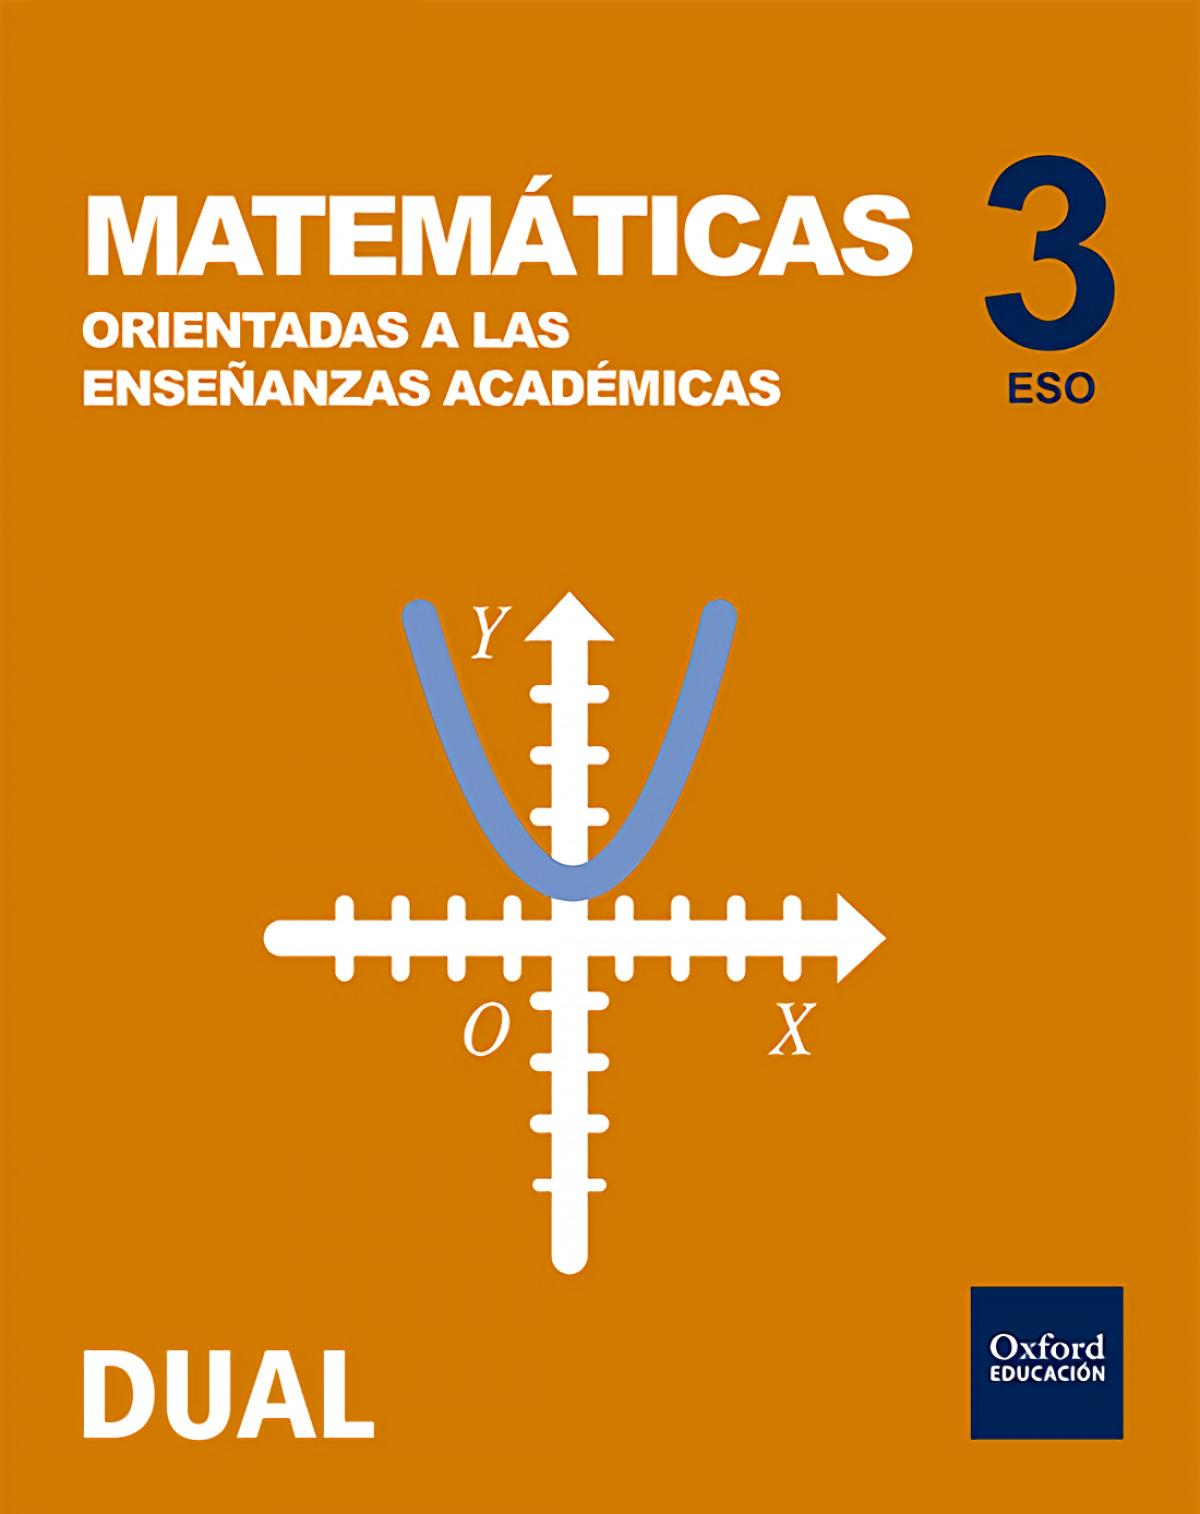 Matemáticas 3o.eso académicas. Inicia Dual 9780190509026